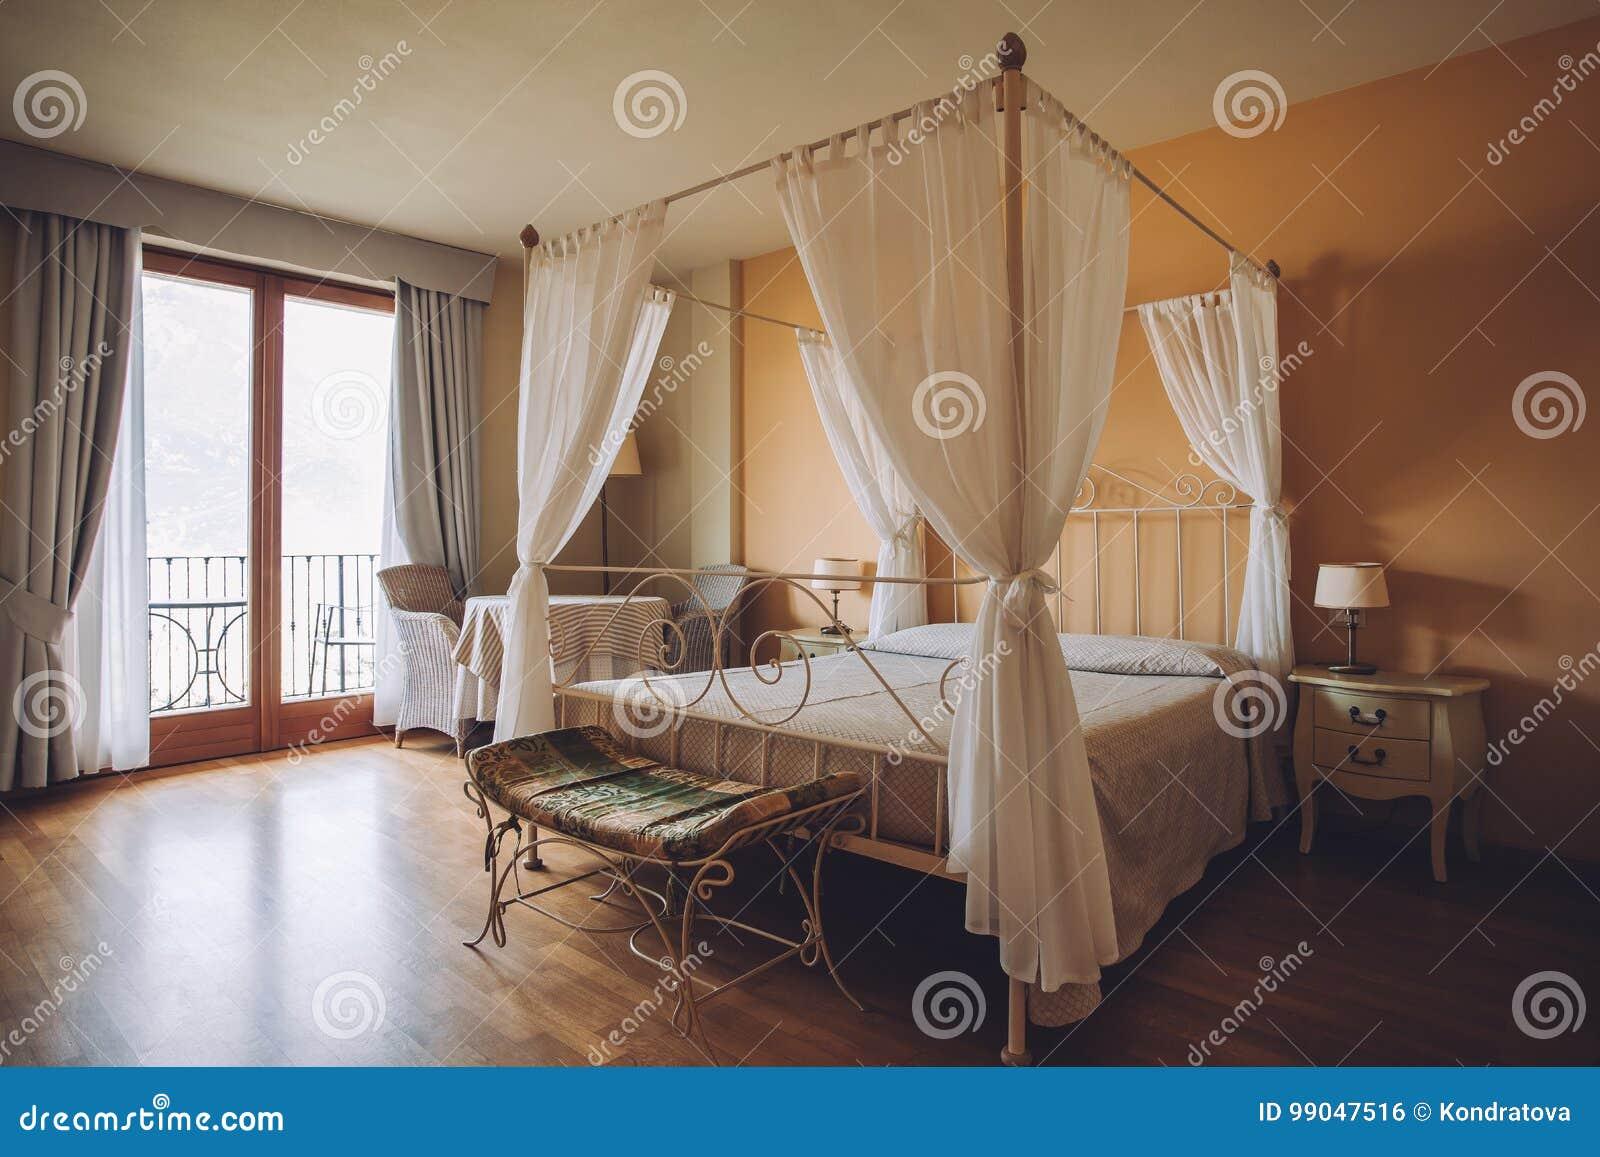 Schlafzimmer In Den Hellen Farben Großes Bequemes Doppelbett Im Eleganten  Klassischen Innenraum